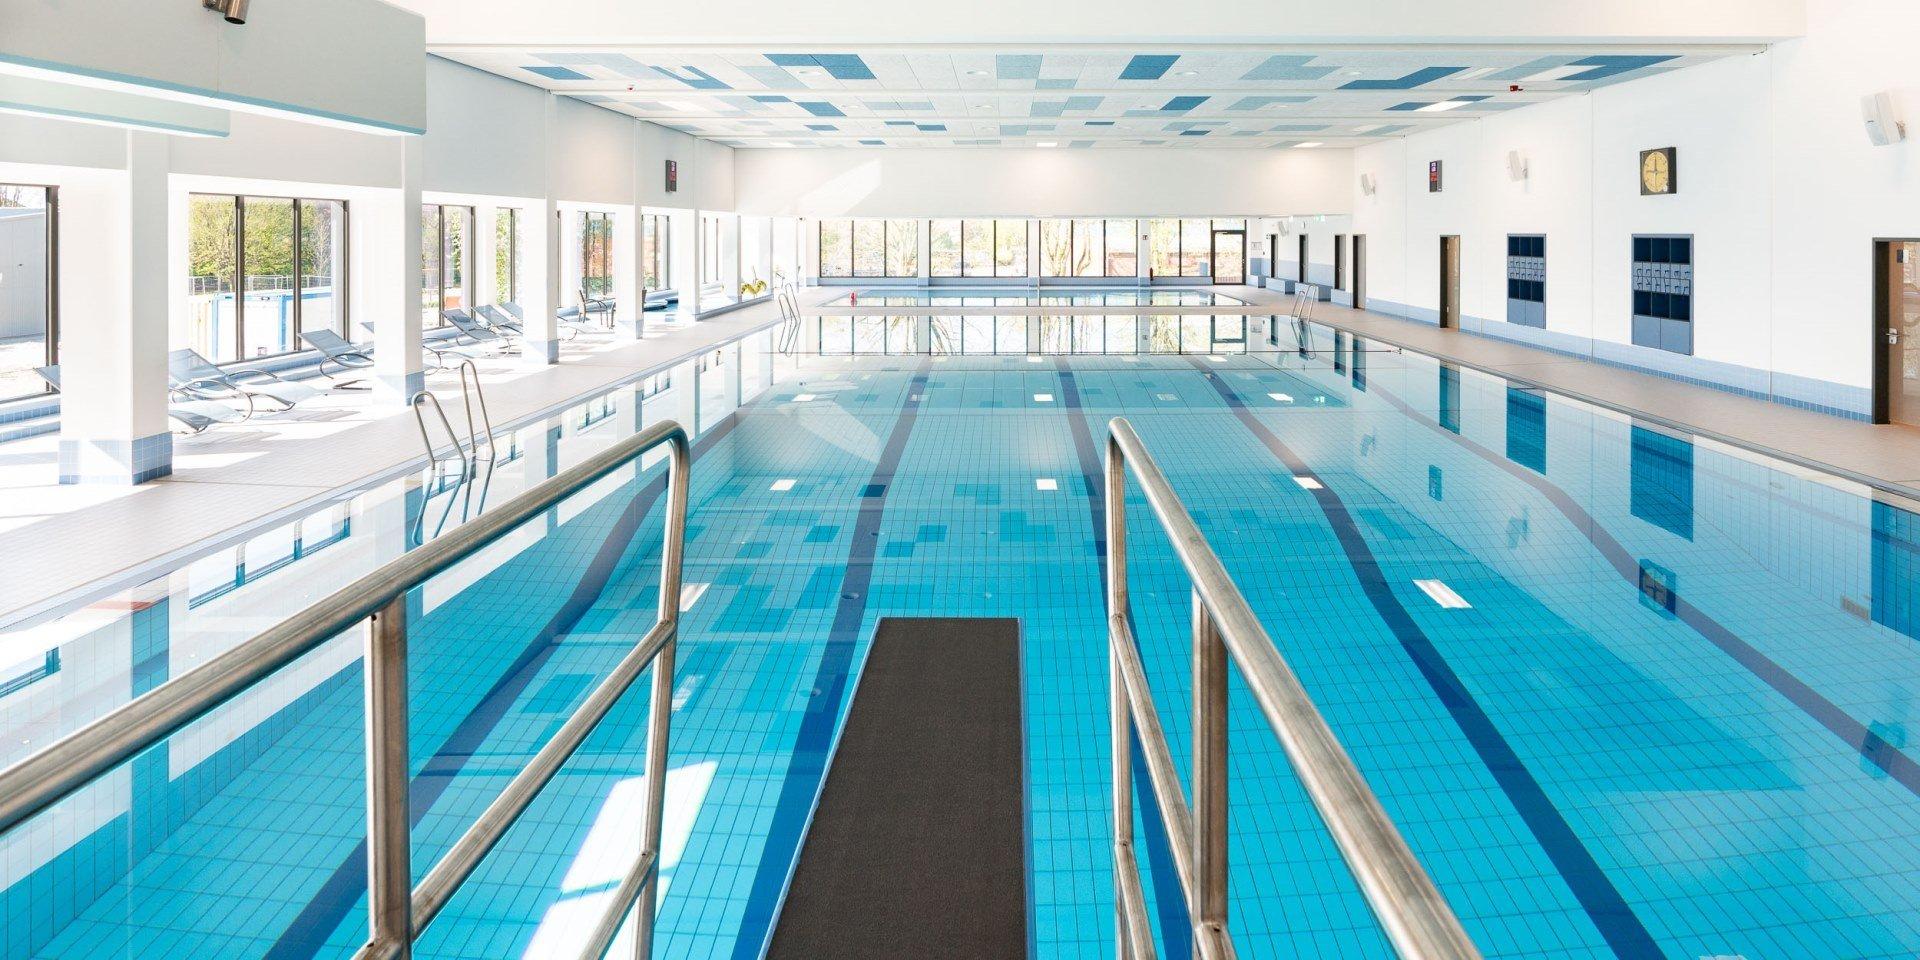 Aqua Ft Schortens Schwimmerbecken Steuler Pool Linings